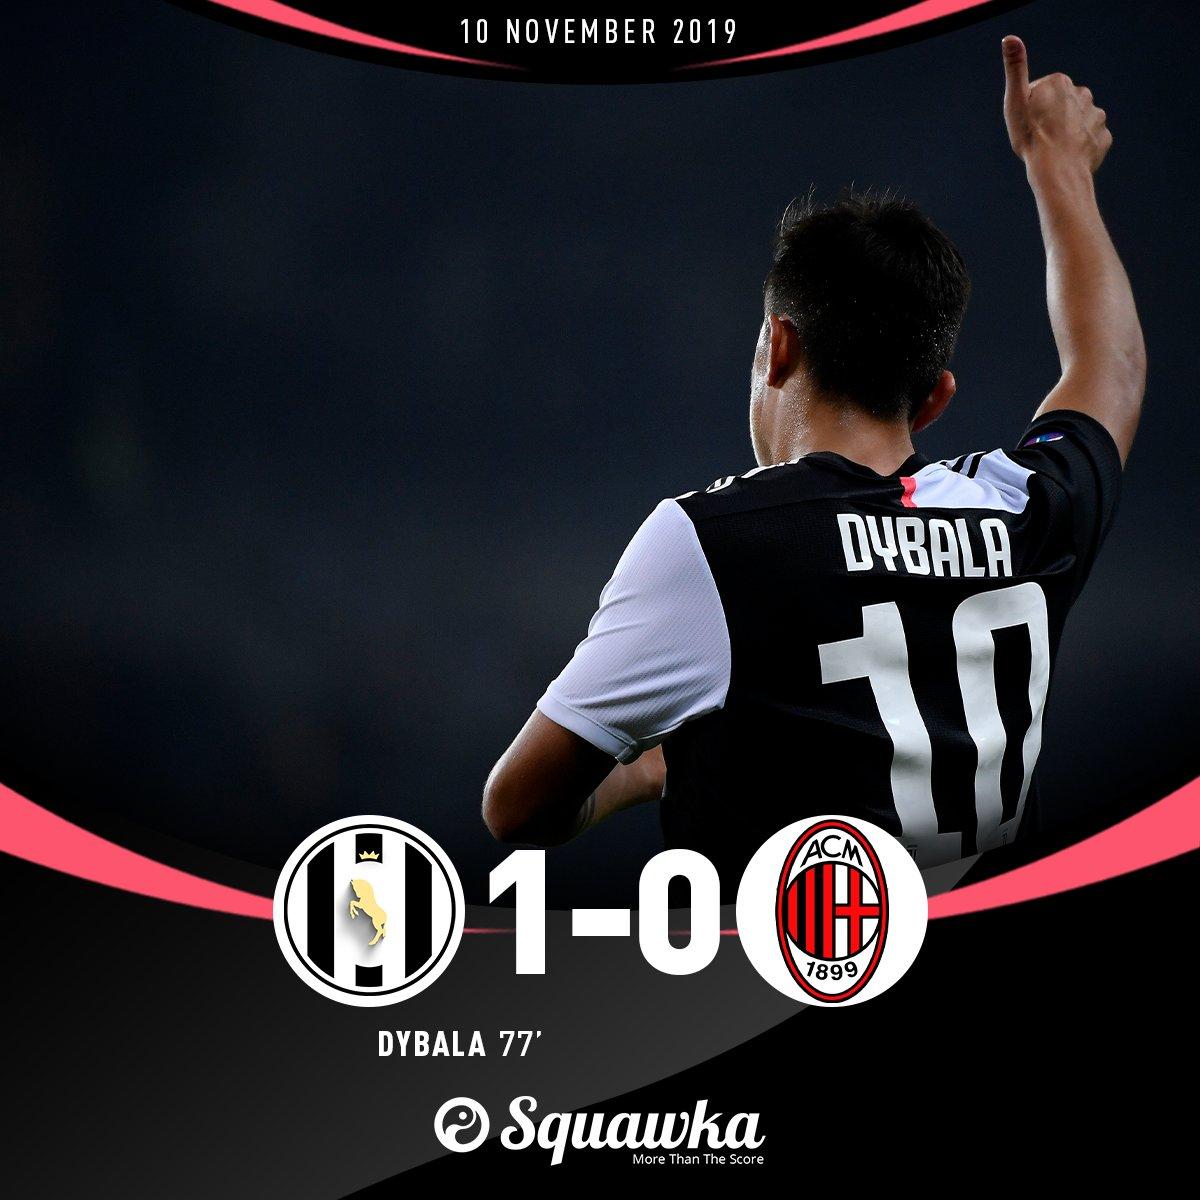 55: Paulo Dybala replaces Cristiano Ronaldo 77: Paulo Dybala scores the winner Juventus 1-0 AC Milan.